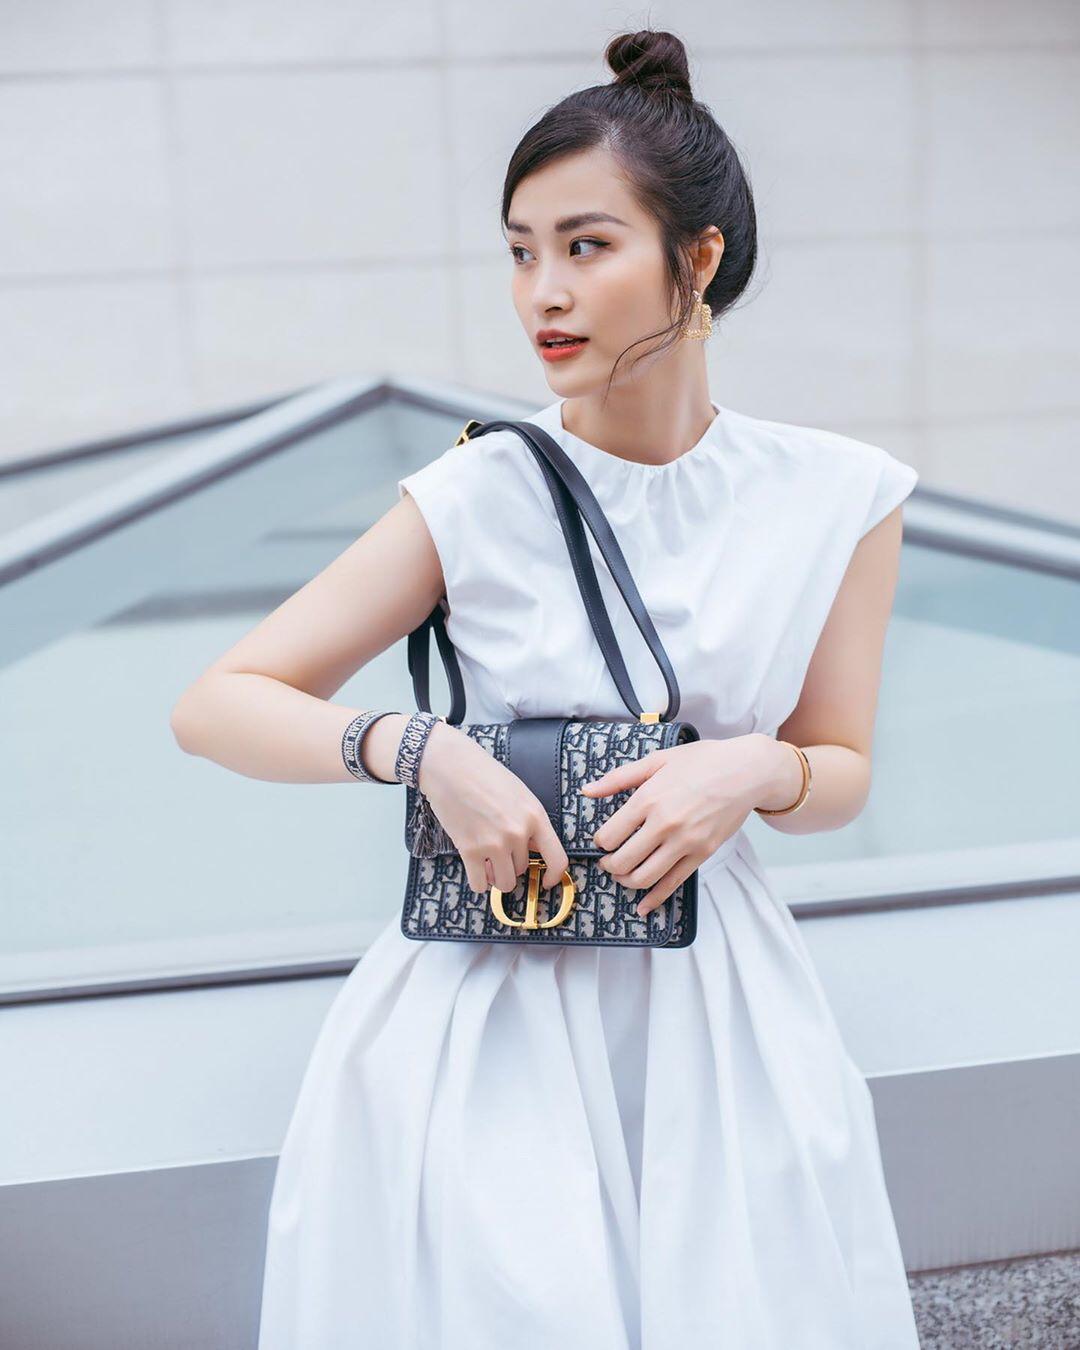 Trước khi cưới đại gia thực thụ Ông Cao Thắng, Đông Nhi đã là nữ đại gia ngầm của showbiz với khối tài sản ít người biết này 12